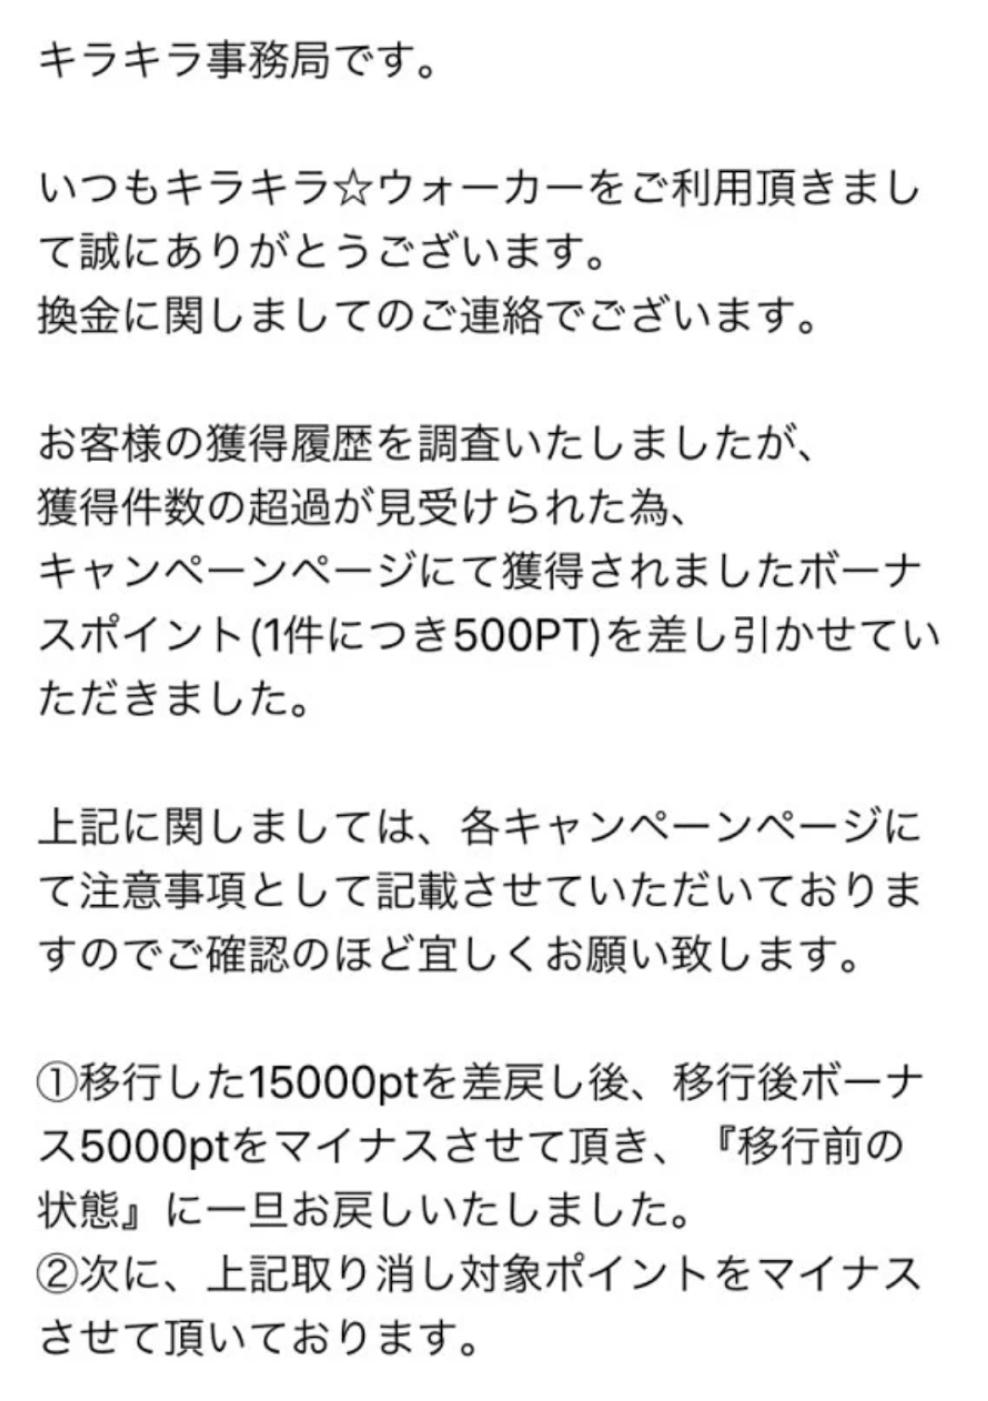 キラキラウォーカー/換金拒否